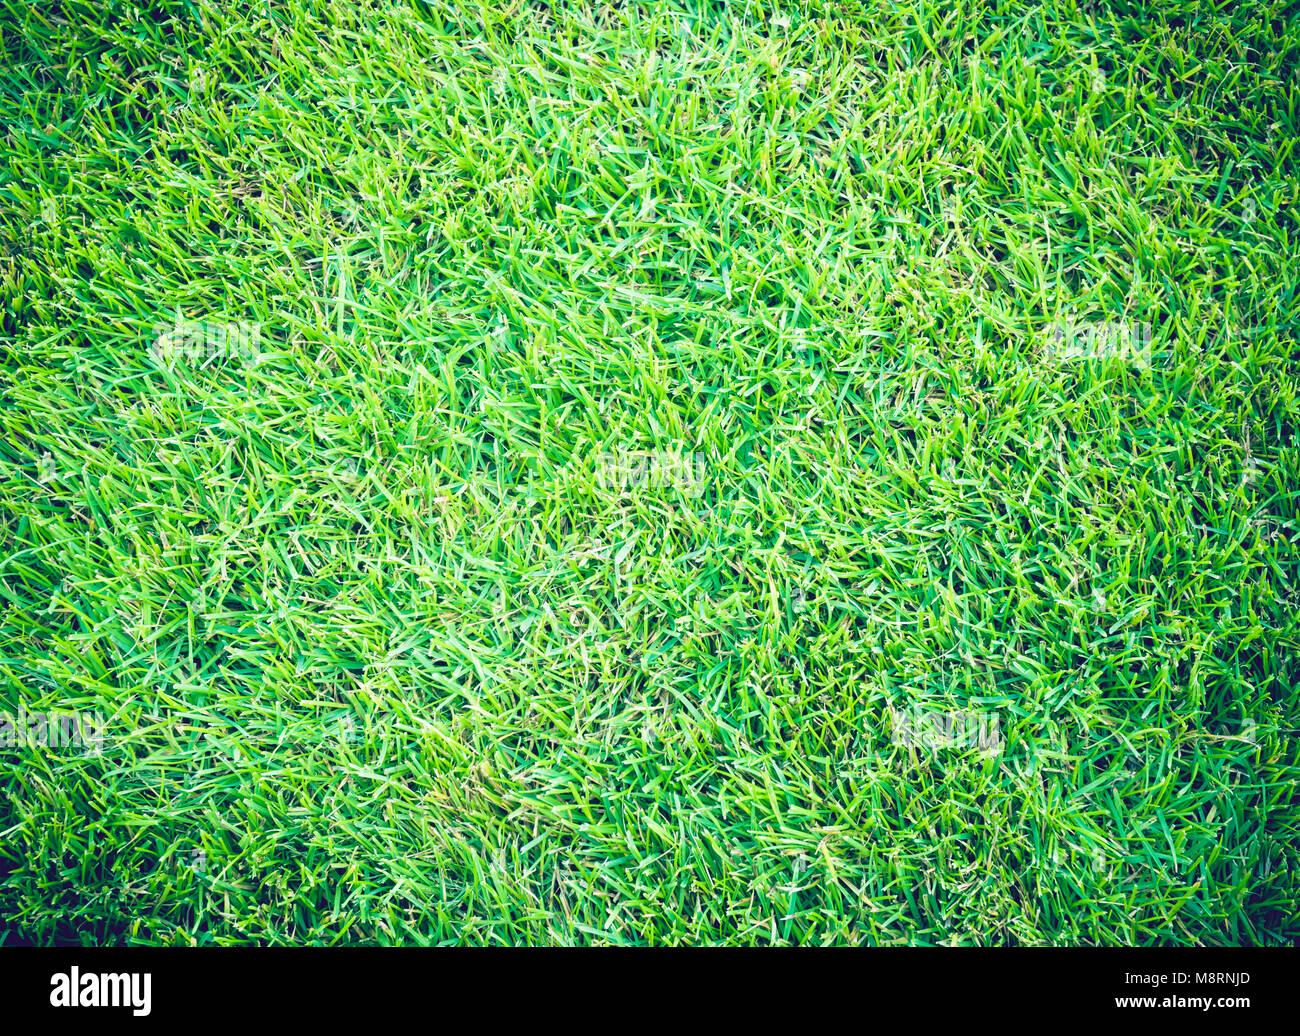 Campos de Golf de césped verde fondo de textura patrón Foto de stock